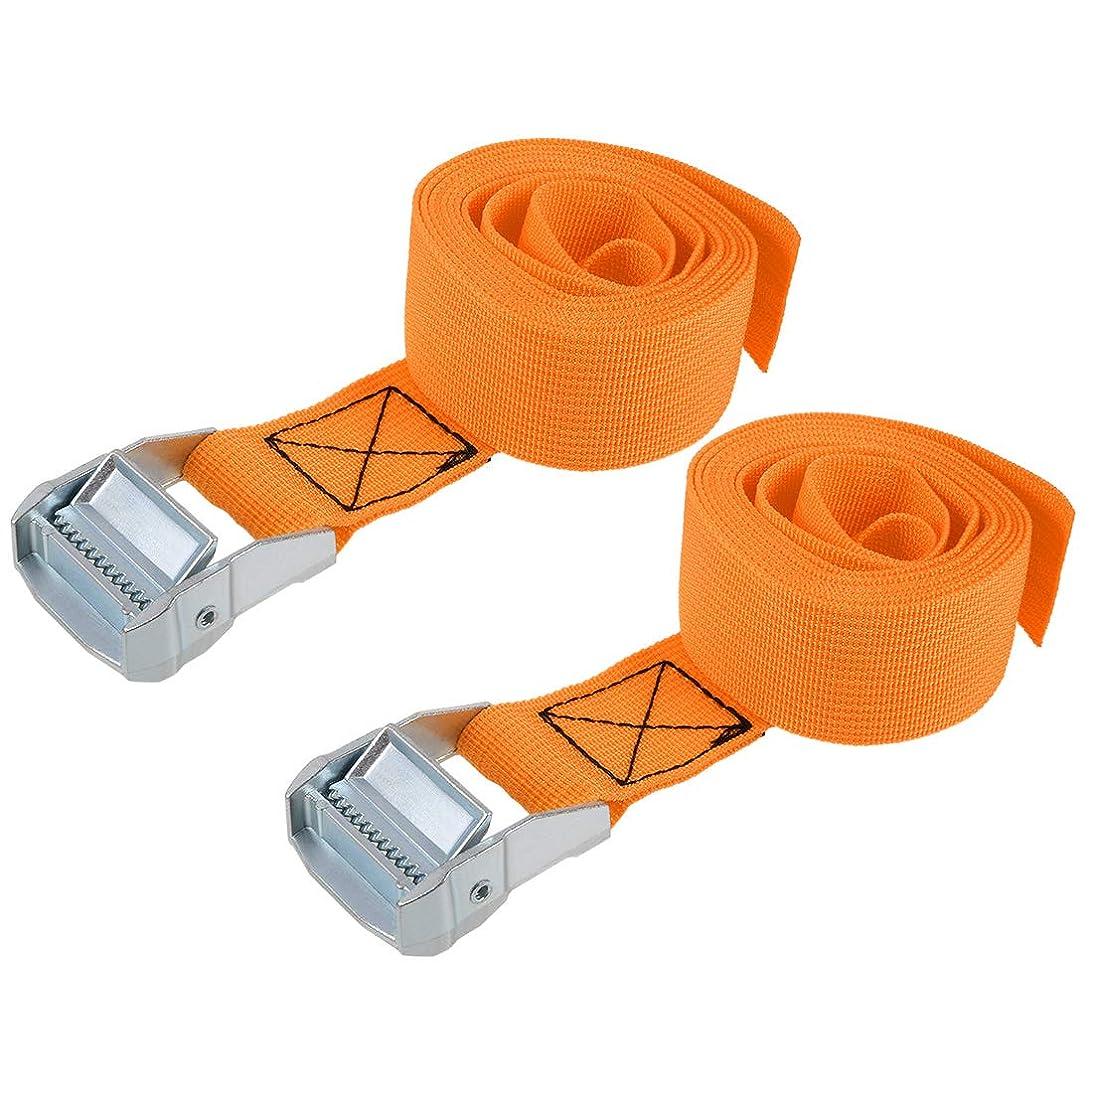 マッシュクラッチ合意uxcell ラッシングストラップ 荷物固定ロープ 荷締めベルト 荷締バンド 落下防止 貨物輸送 オレンジ 2M長さ 38mm幅 荷重500kg 貨物タイダウンストラップ 2個入り